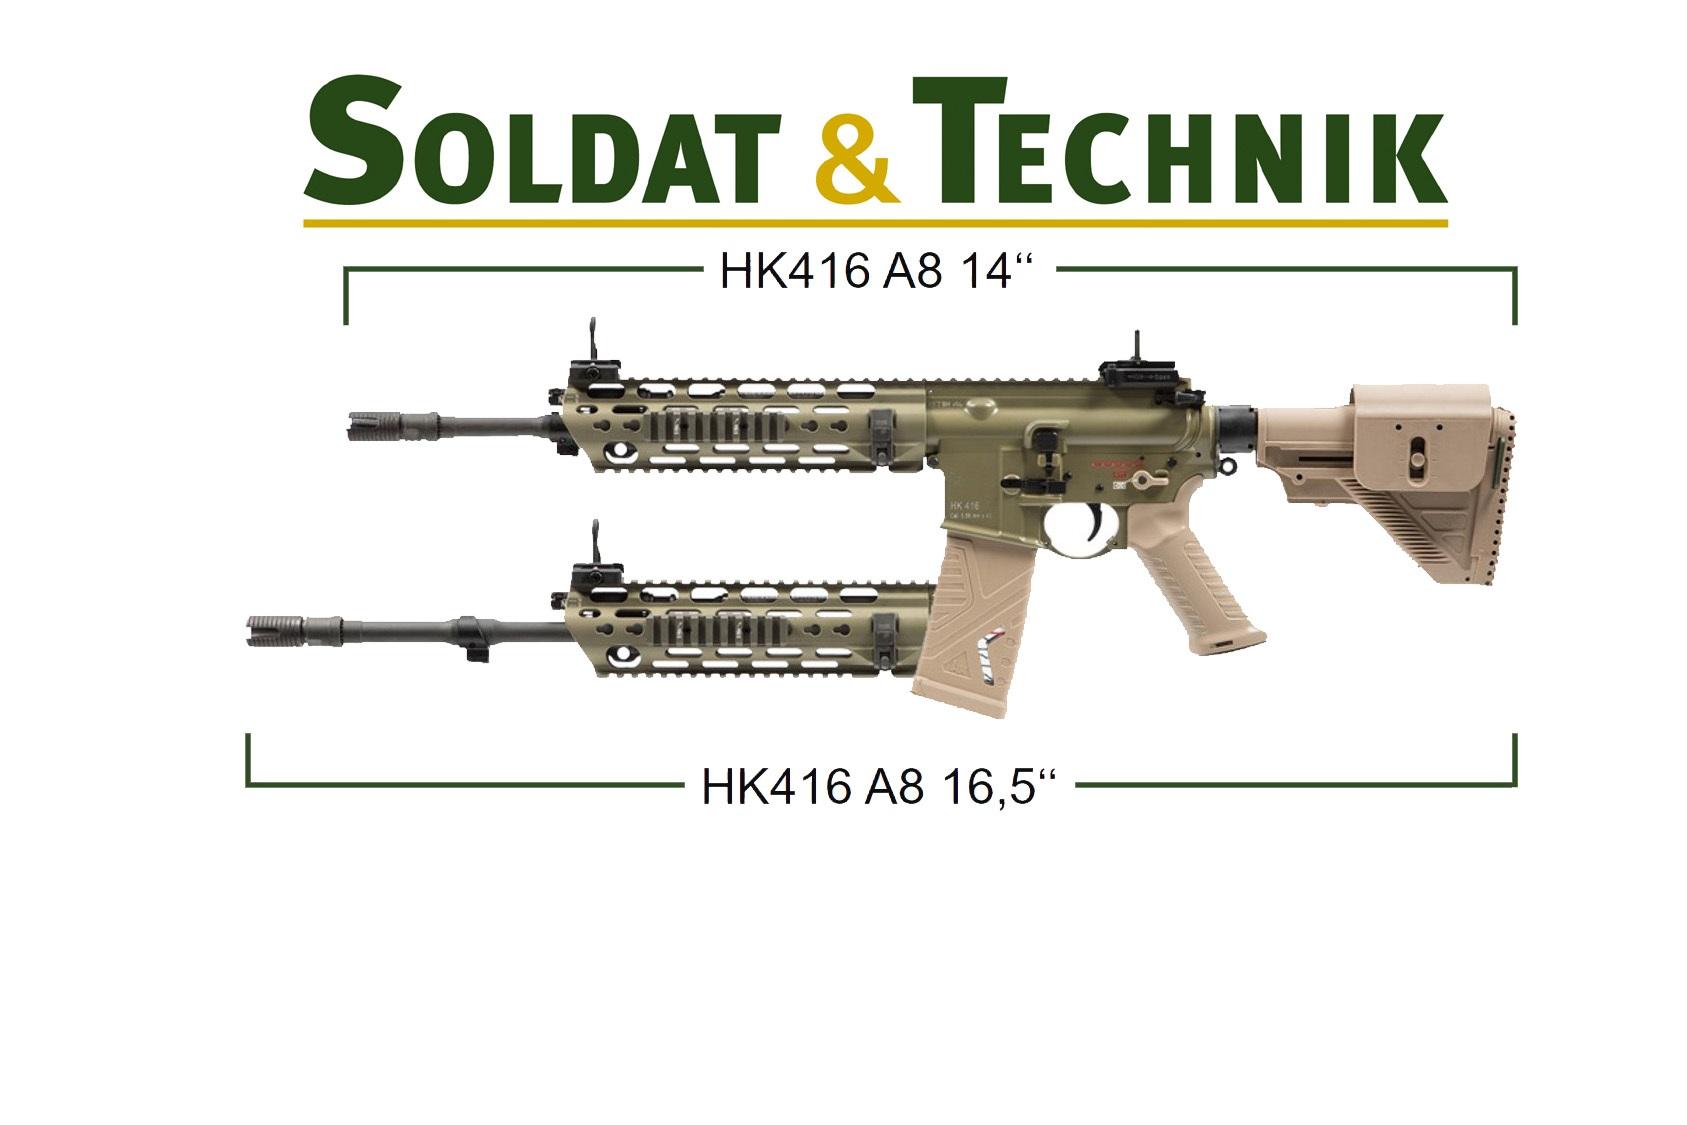 soldat-und-technik.de